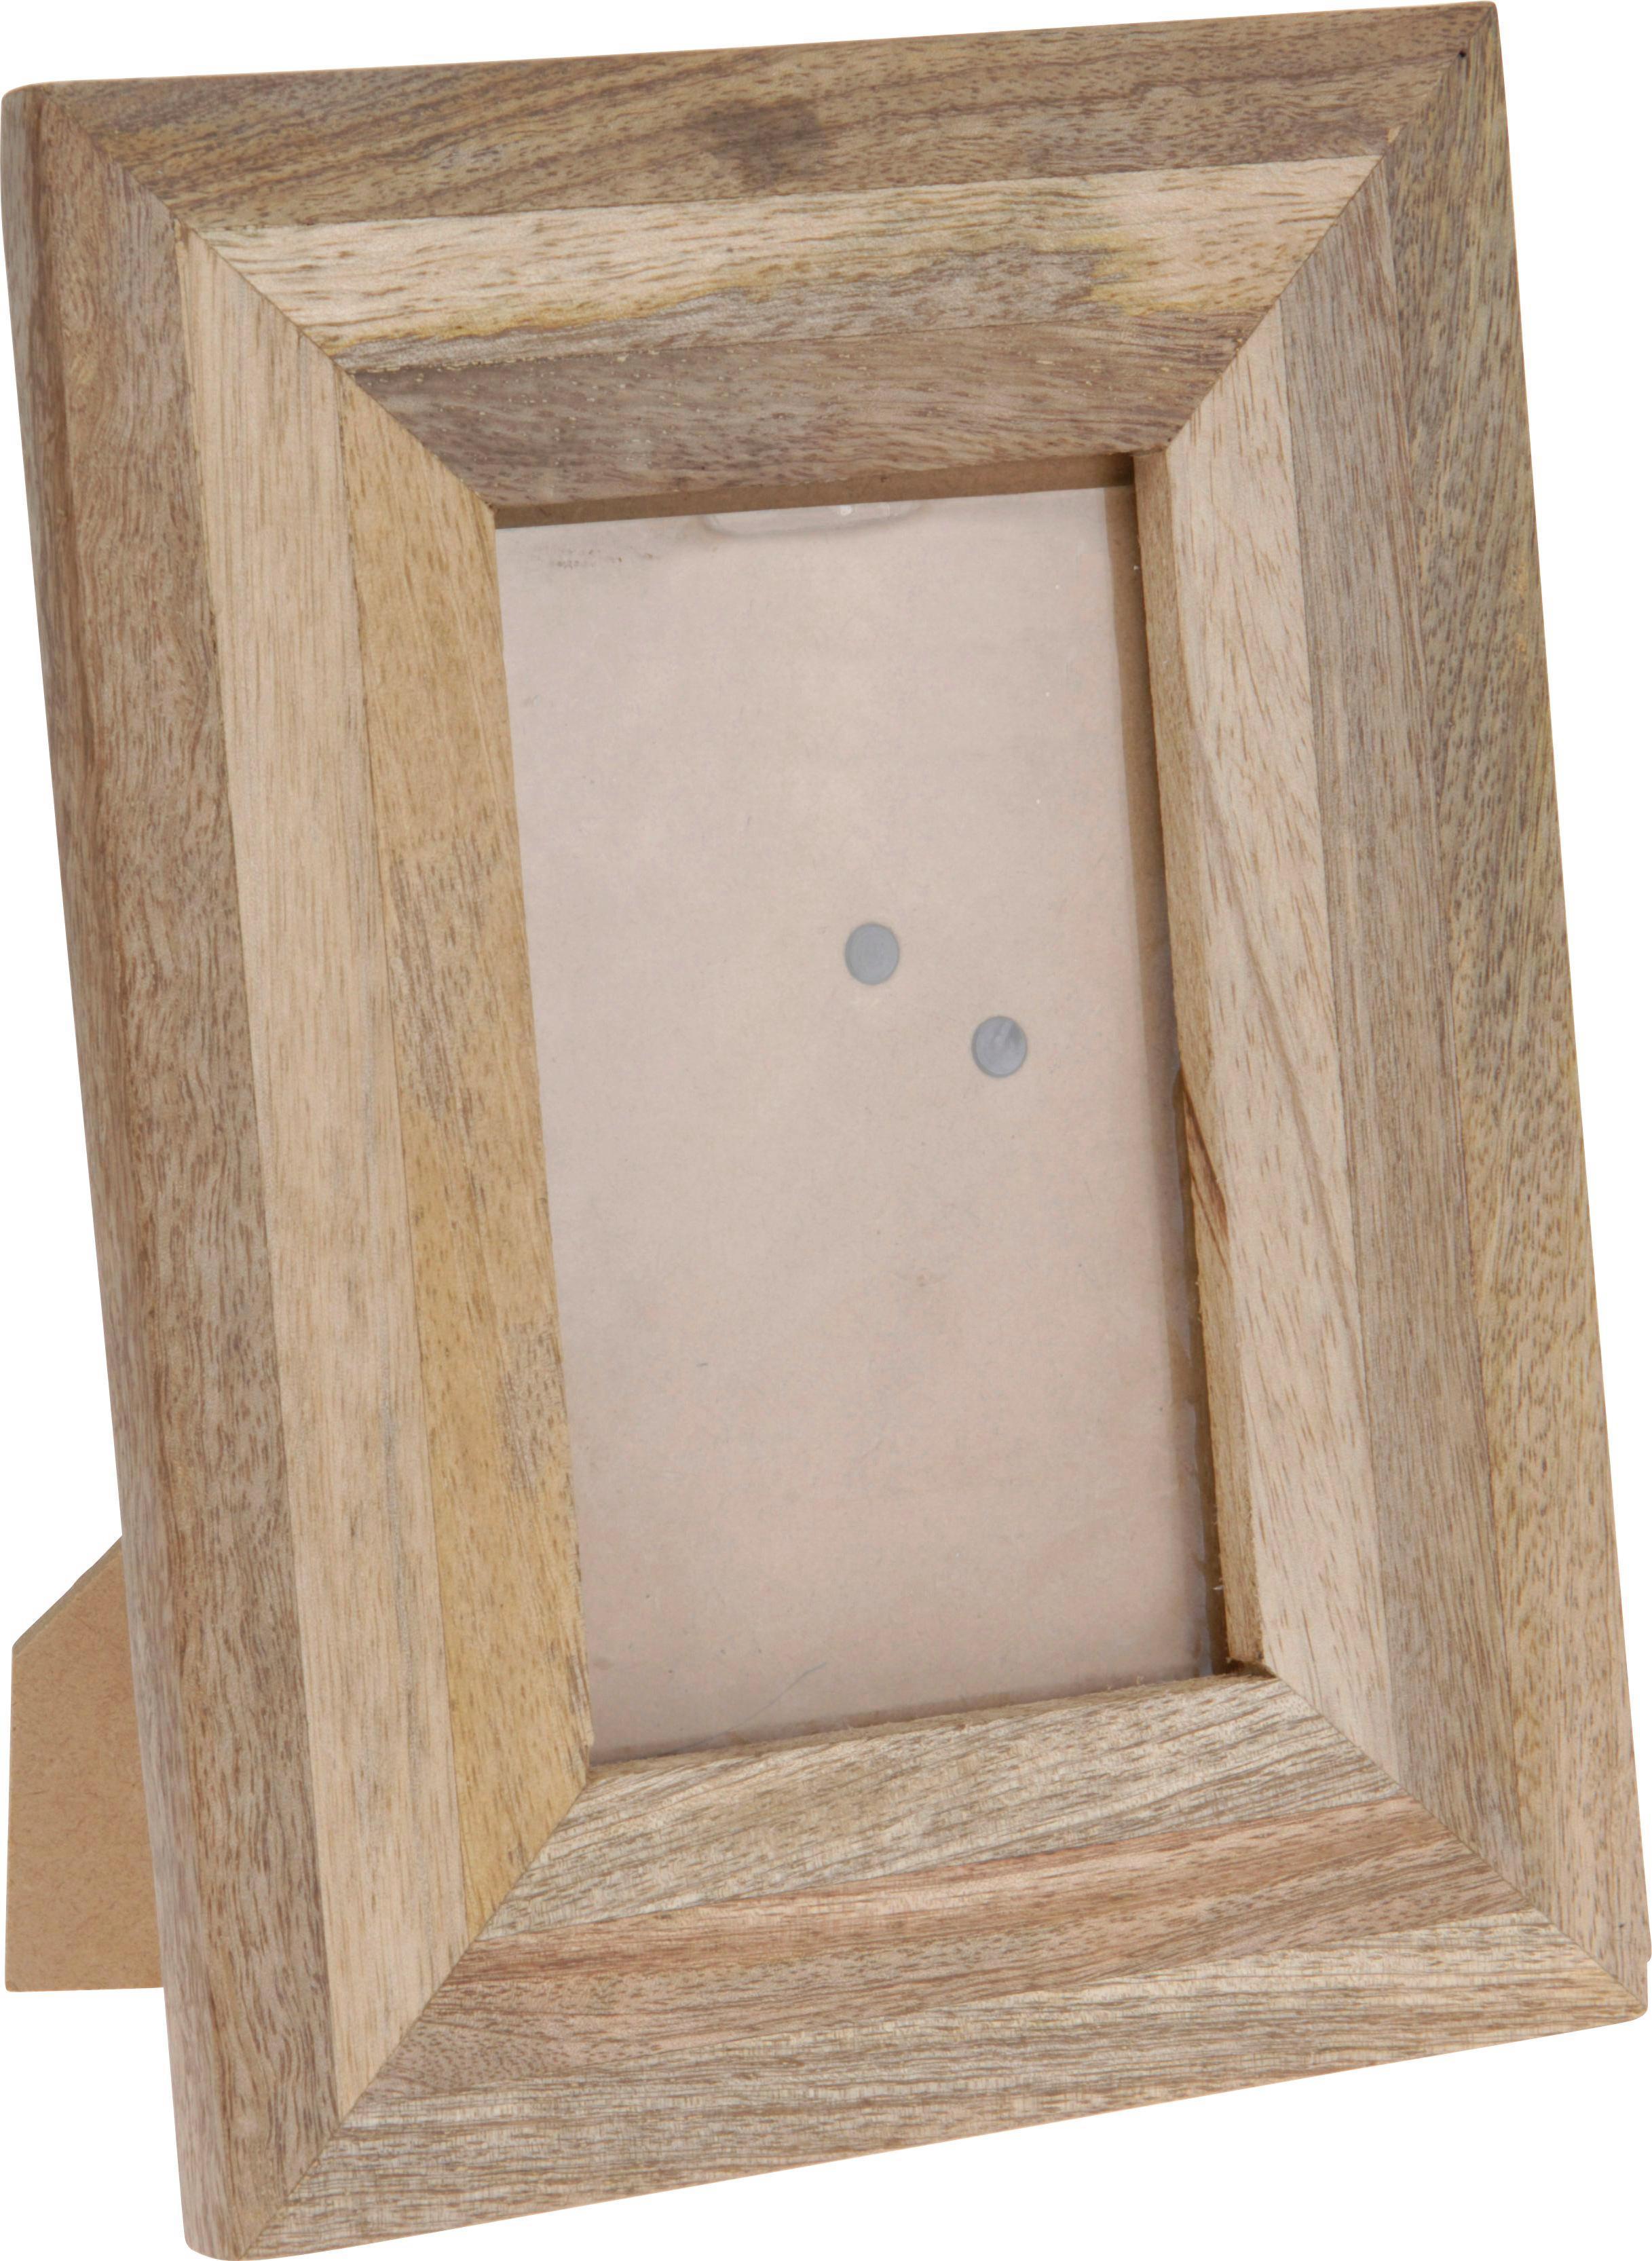 Nett 20x24 Verfilzten Rahmen Fotos - Benutzerdefinierte Bilderrahmen ...